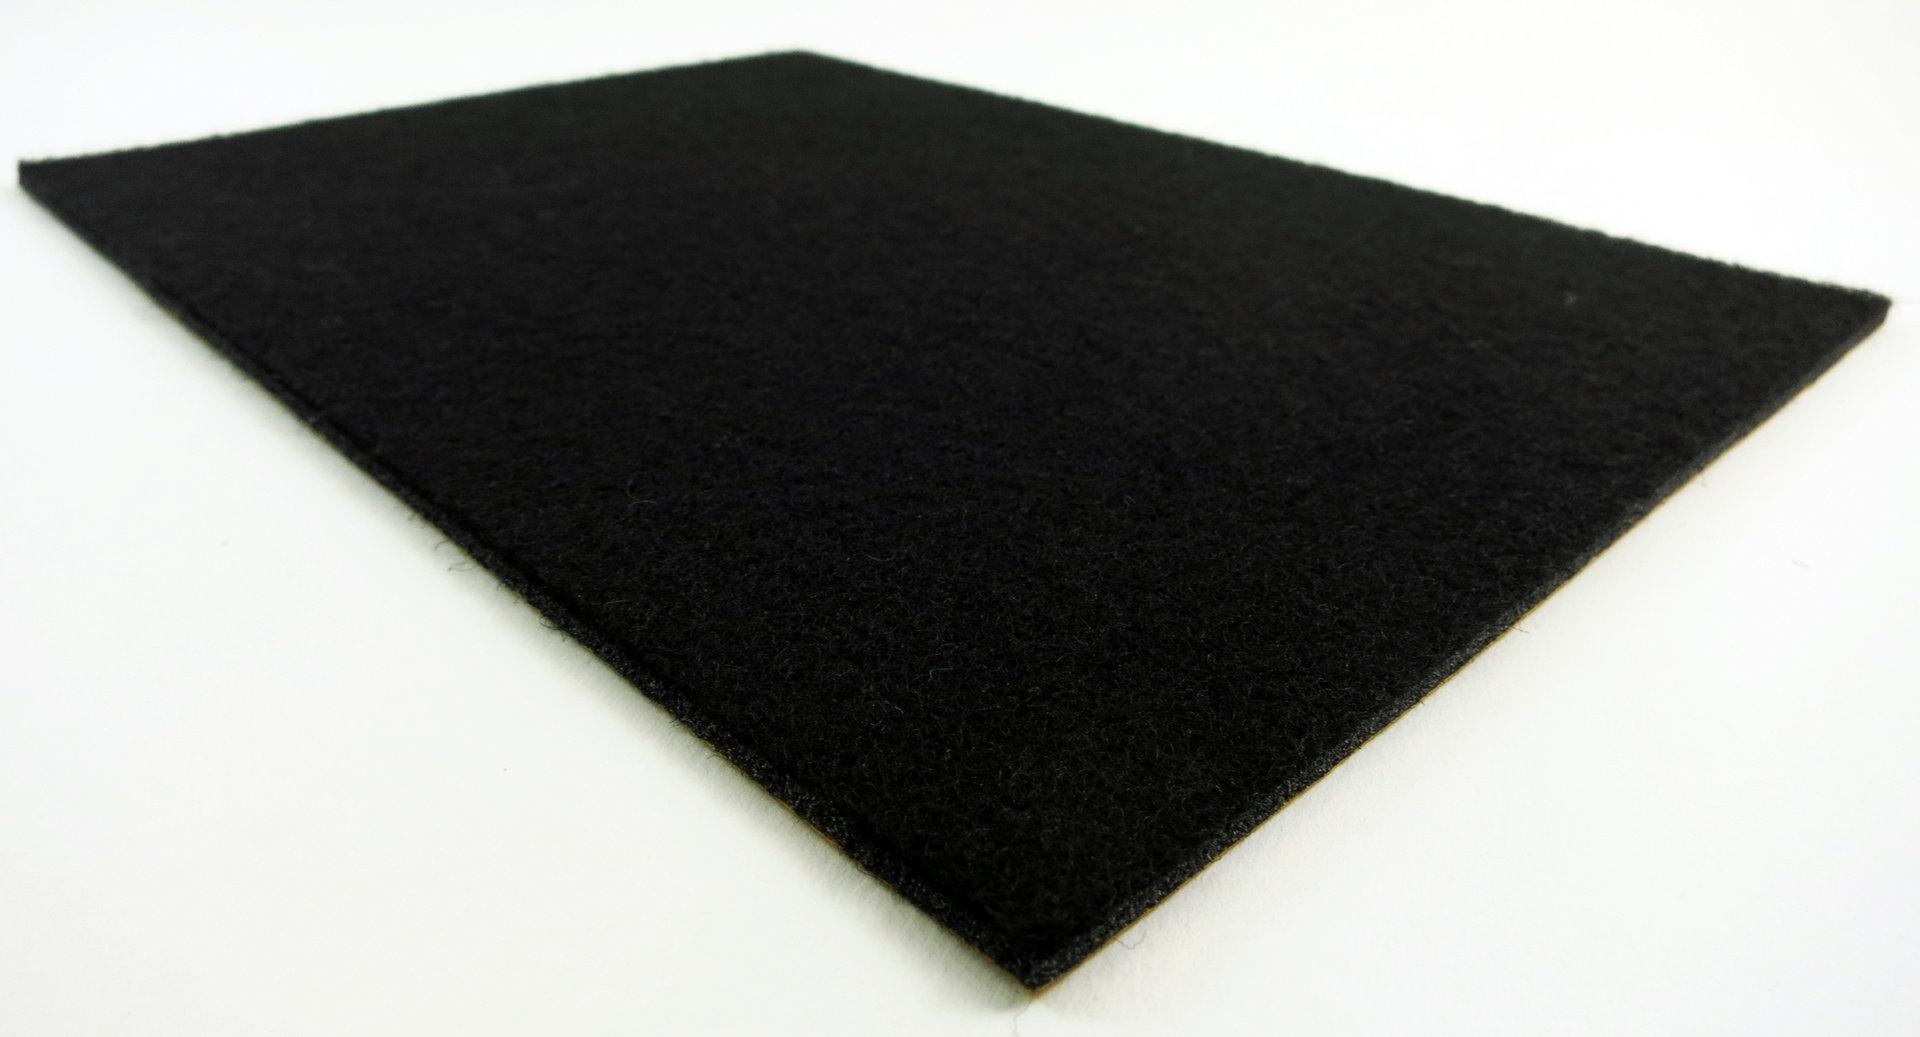 Filzplatte selbstklebend - DIN Formate 3mm dick | schwarz, anthrazit, braun, weiss